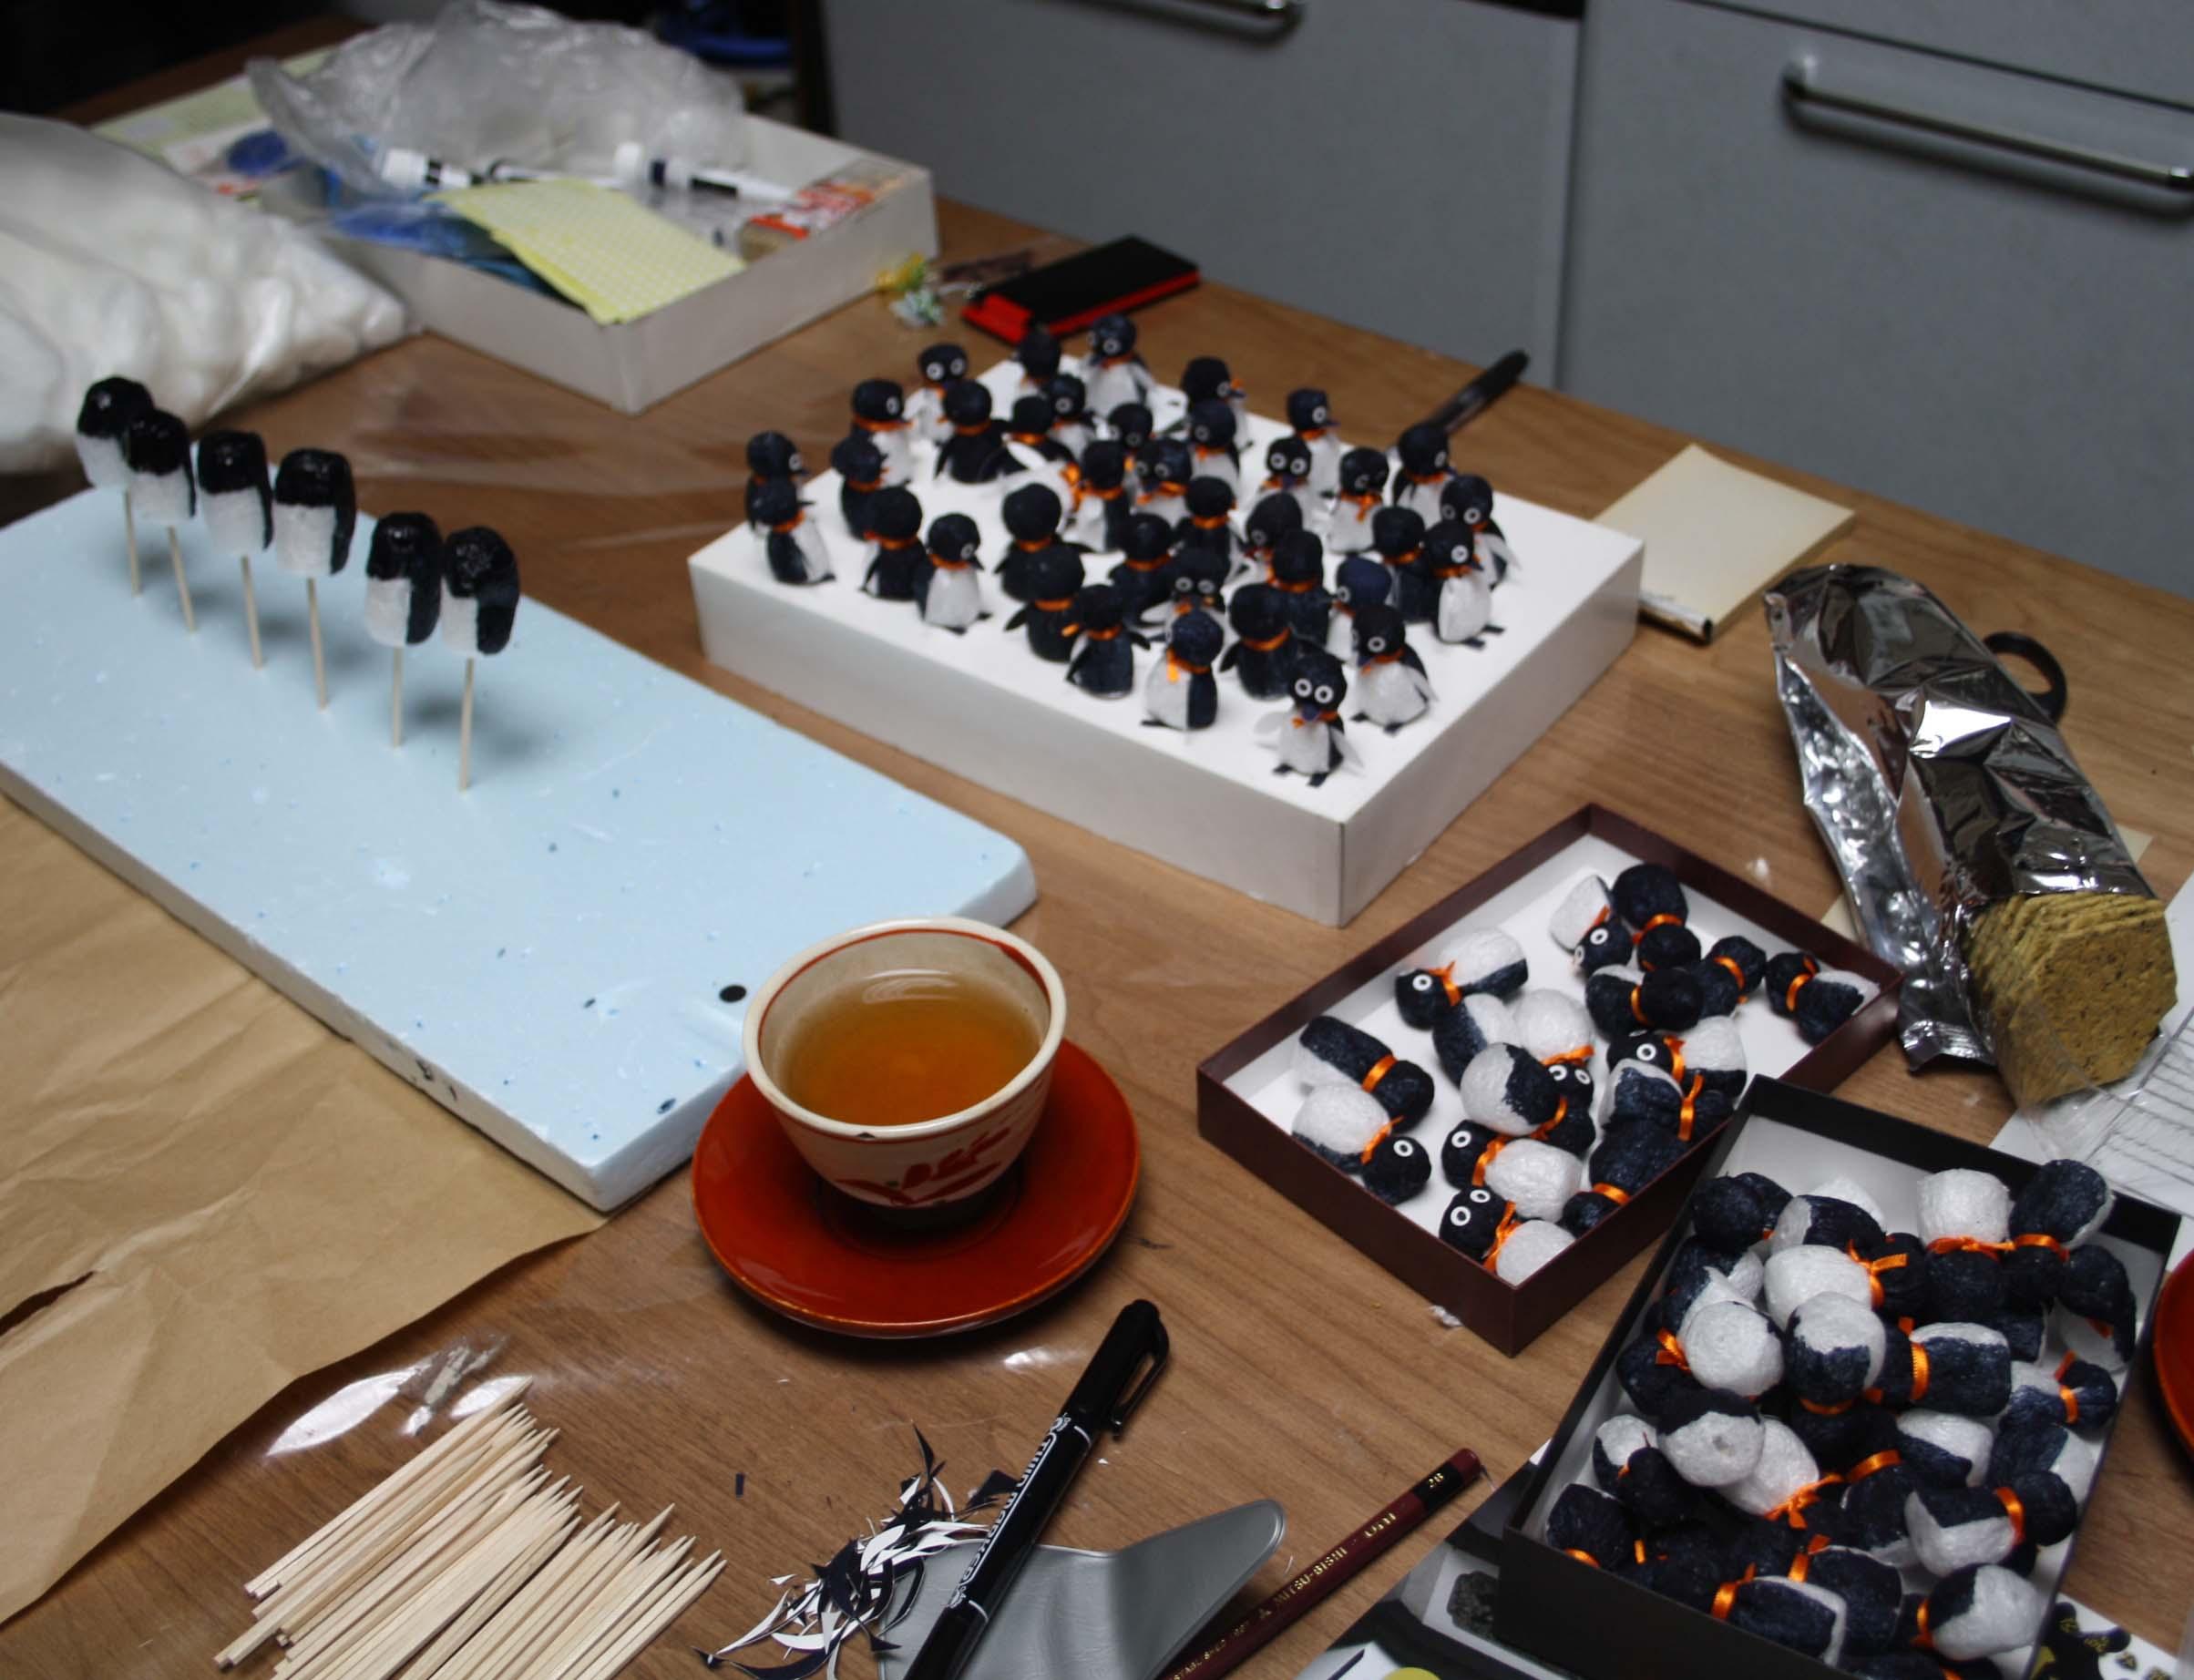 『エコ ペンギン ミンジーを作る会』エコ ペンギン ミンジー を作ろう~_d0178448_5249100.jpg